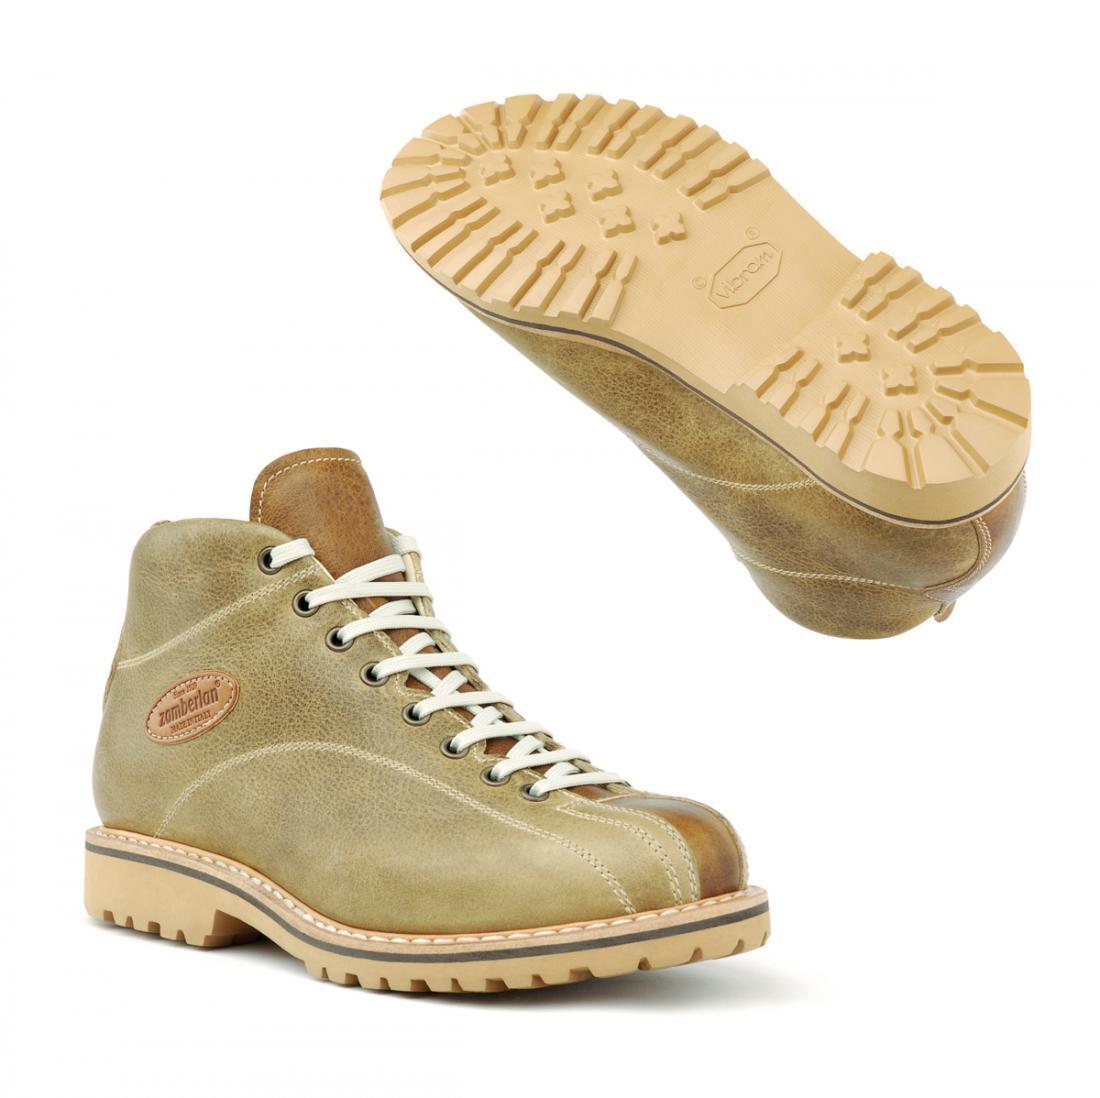 Ботинки 1121 CORTINA MID GW WNSБотинки<br>Современные классические ботинки в городском стиле, созданные вручную мастерами Италии с применением специального метода конструкции Goodyear welted. Удобные и гибкие, они изготовлены с использованием уникальной конструкции обуви, мягкой телячьей кожи ...<br><br>Цвет: Бежевый<br>Размер: 40